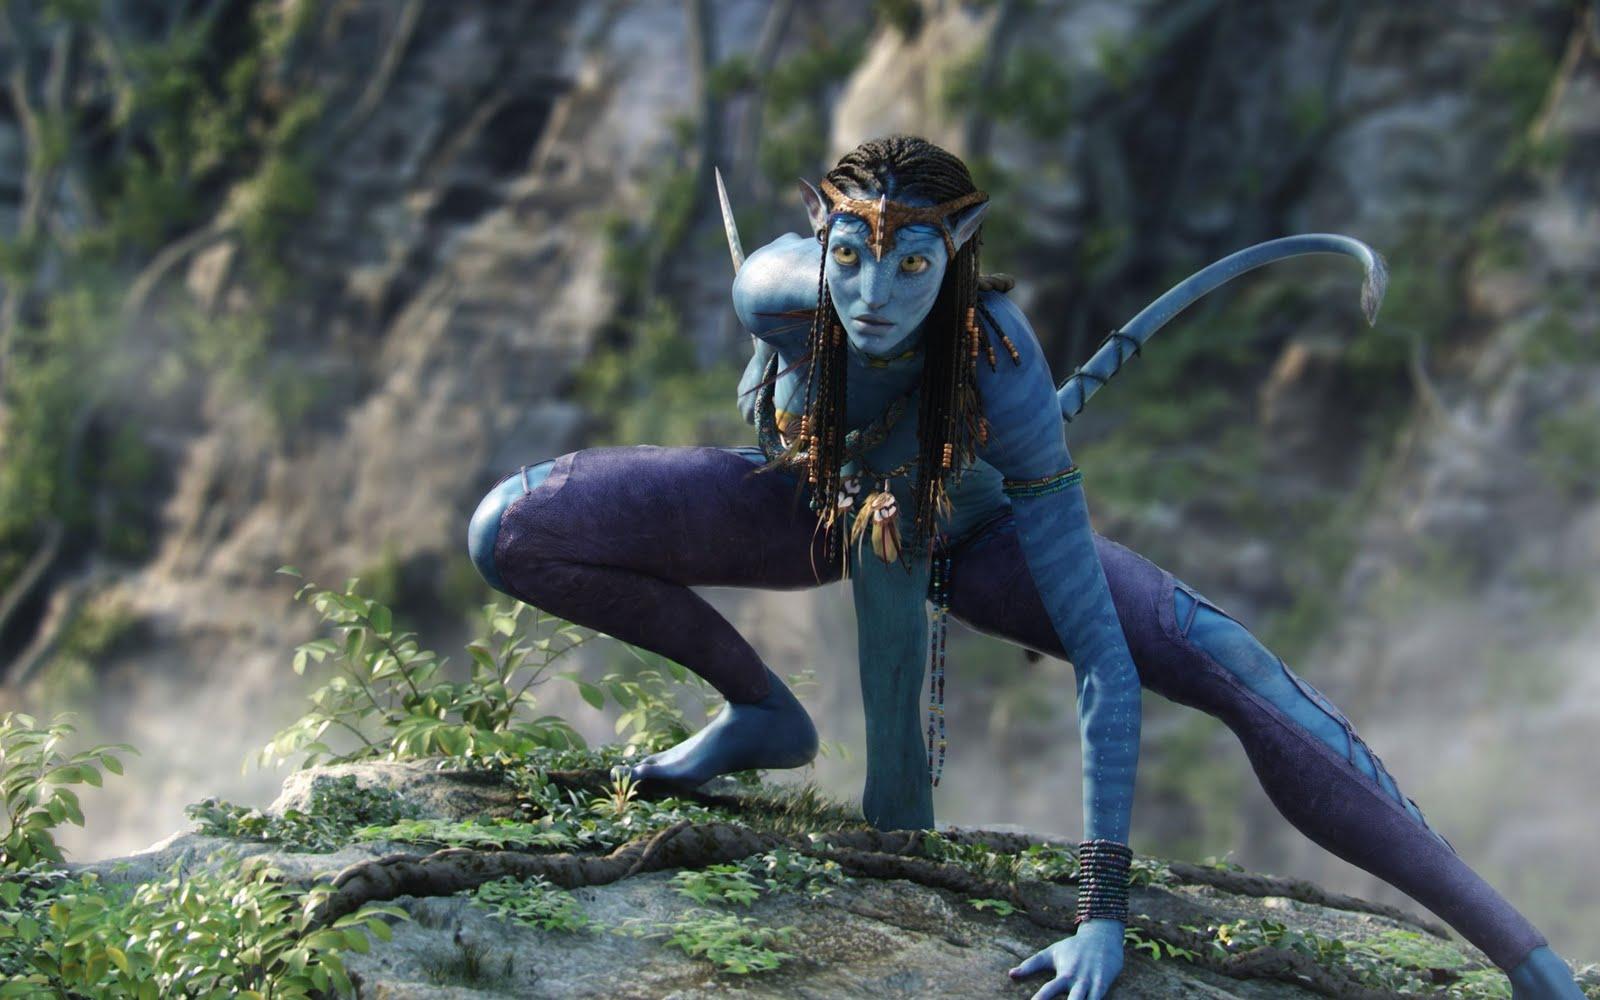 http://4.bp.blogspot.com/-QkSnqLYHyik/Td8WGgjFdhI/AAAAAAAAAbM/jSQQmYQ9KDE/s1600/Avatar-Movie-wallpaper-6.jpg